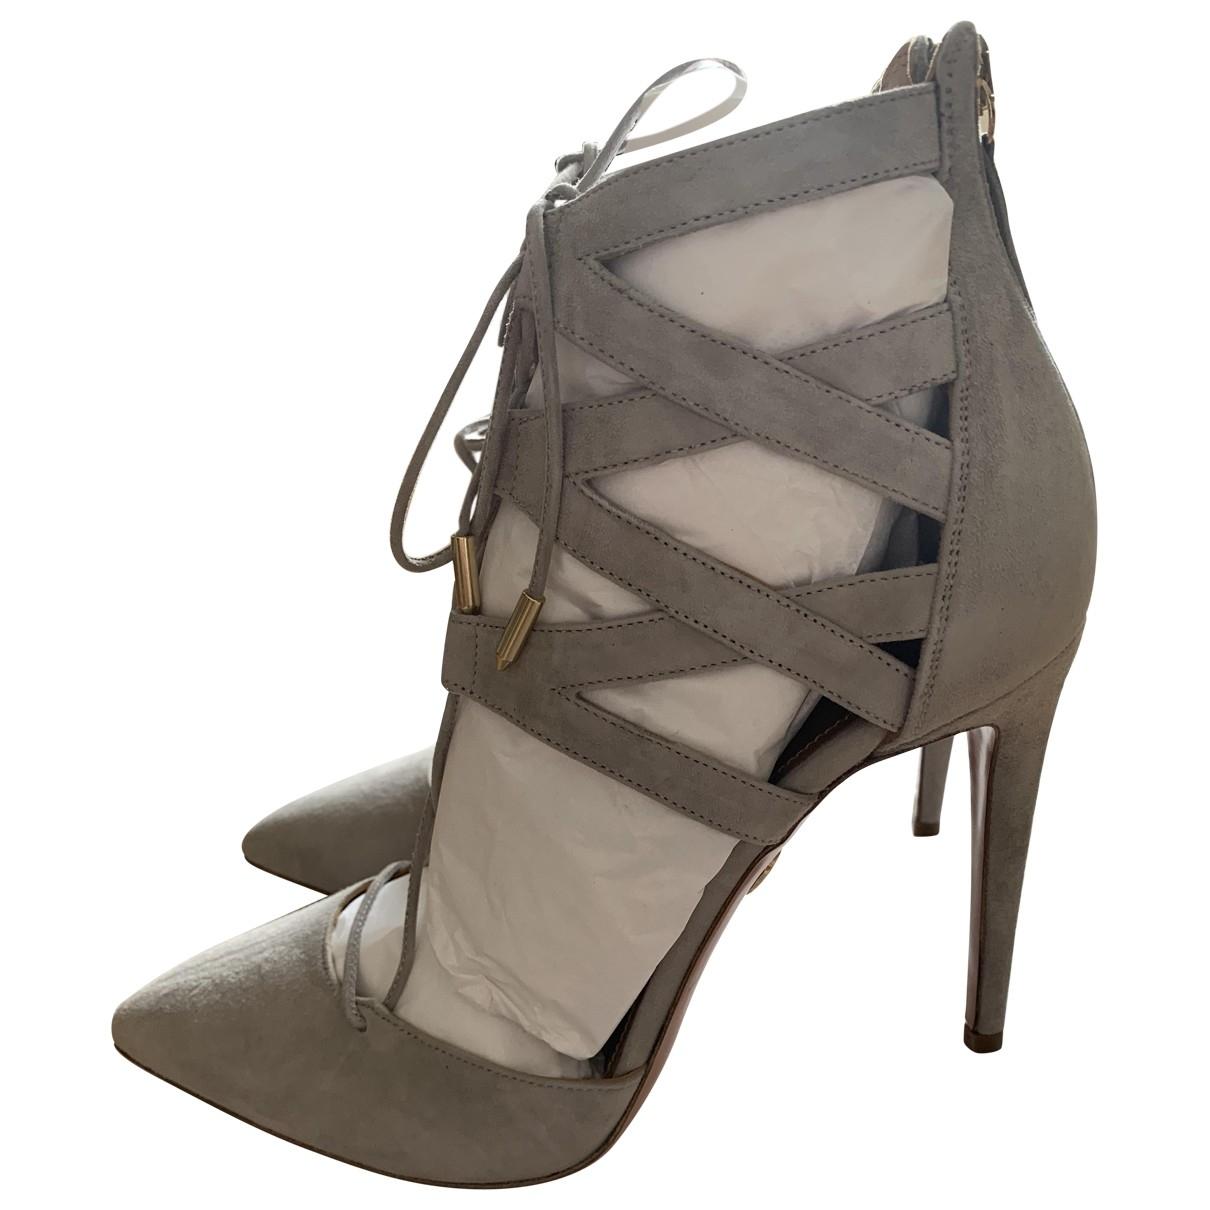 Aquazzura Belgravia Grey Suede Sandals for Women 40 EU